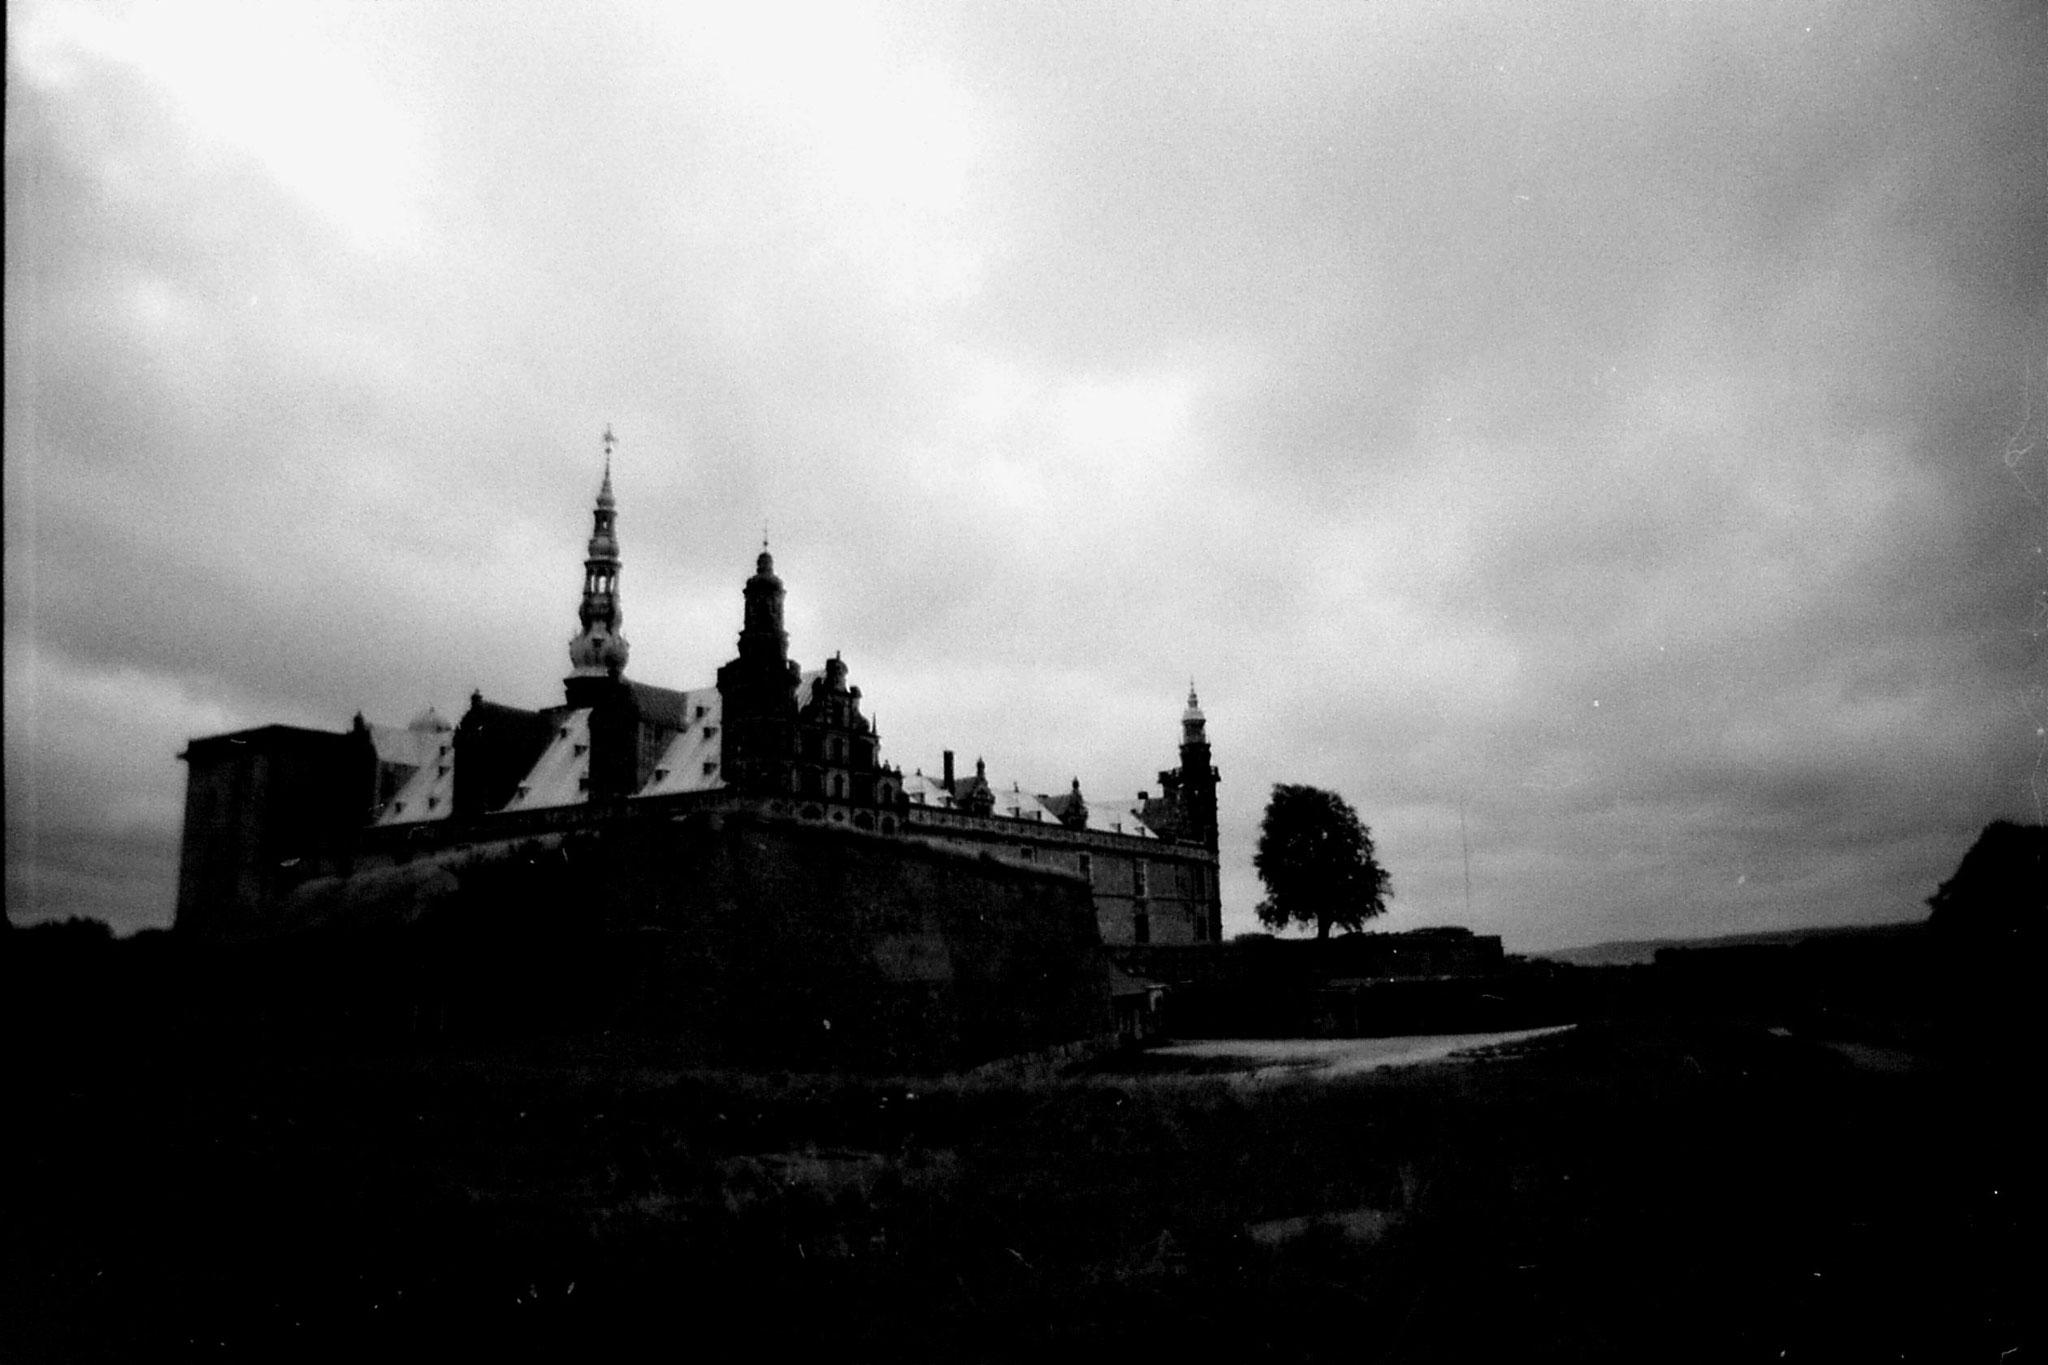 19/9/1988: Helsingor